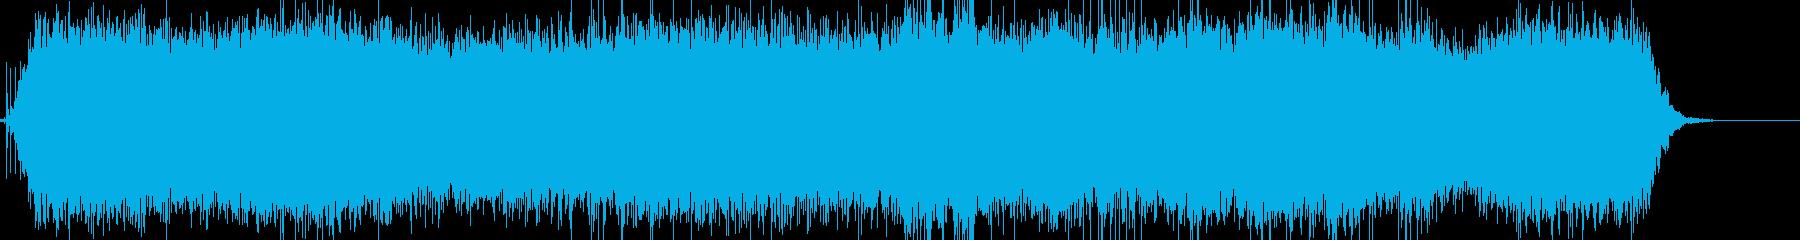 カチ、ブオーン!ドライヤーのリアルな音2の再生済みの波形